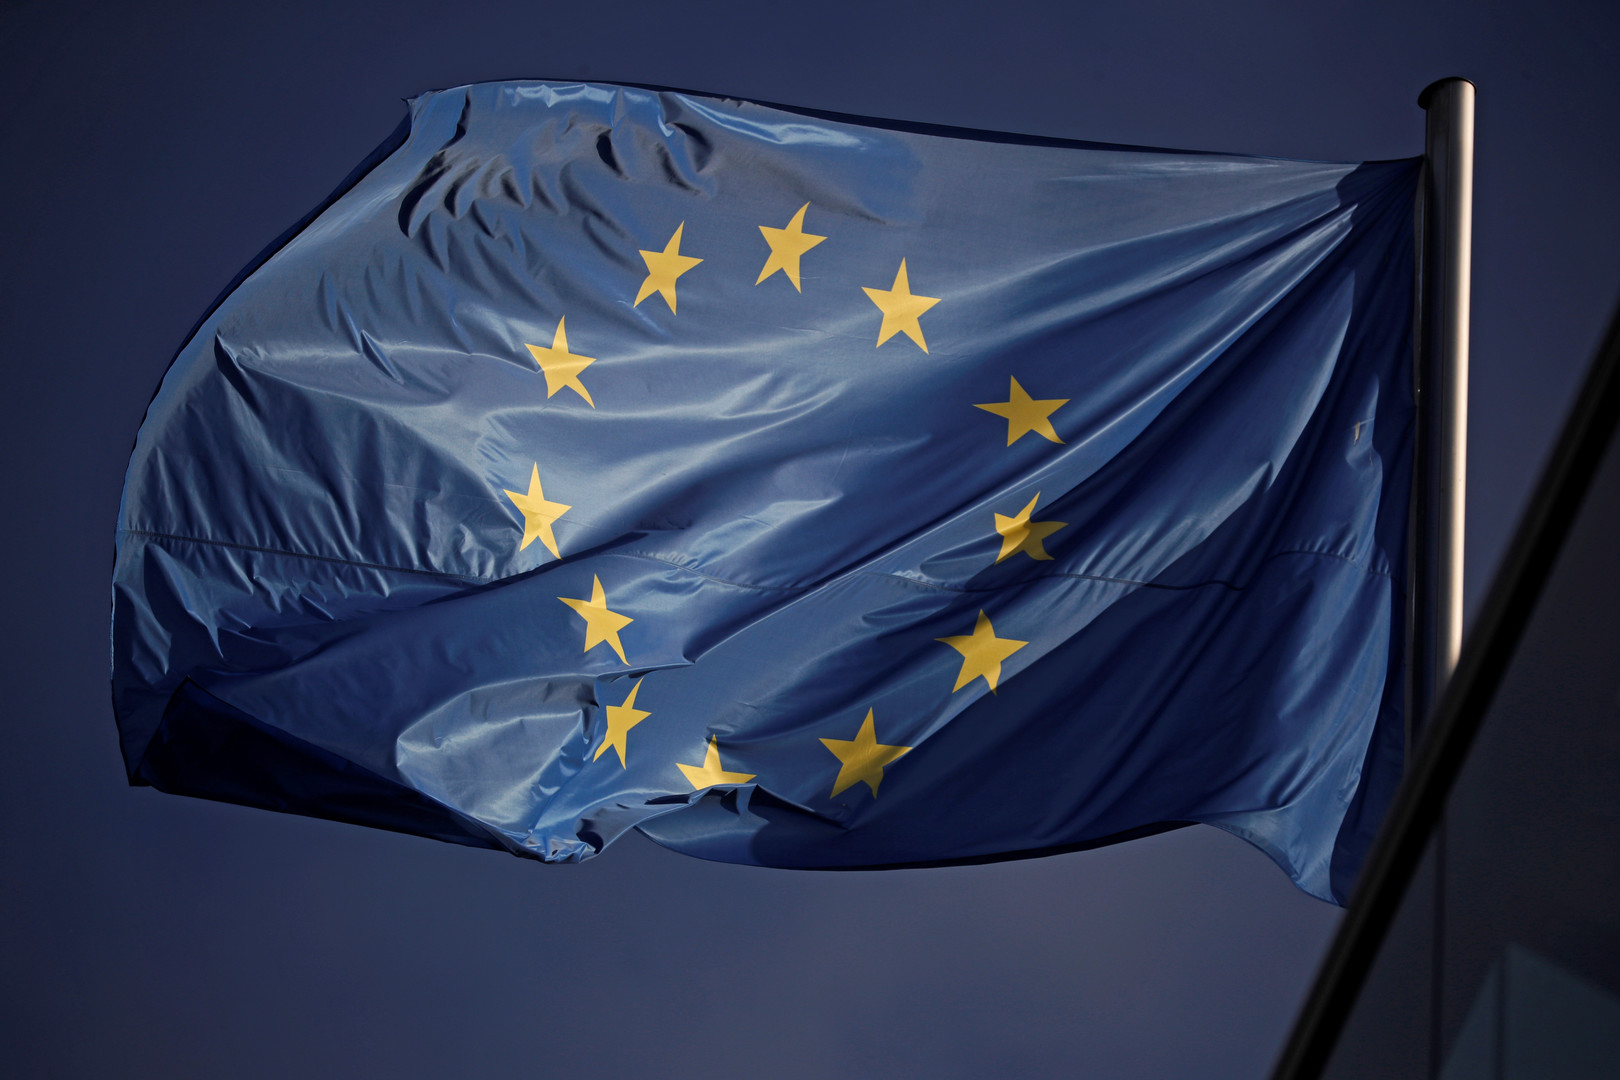 الزعماء الأوروبيون يجتمعون في محاولة لتقرير مصير المناصب الرئيسة في الاتحاد